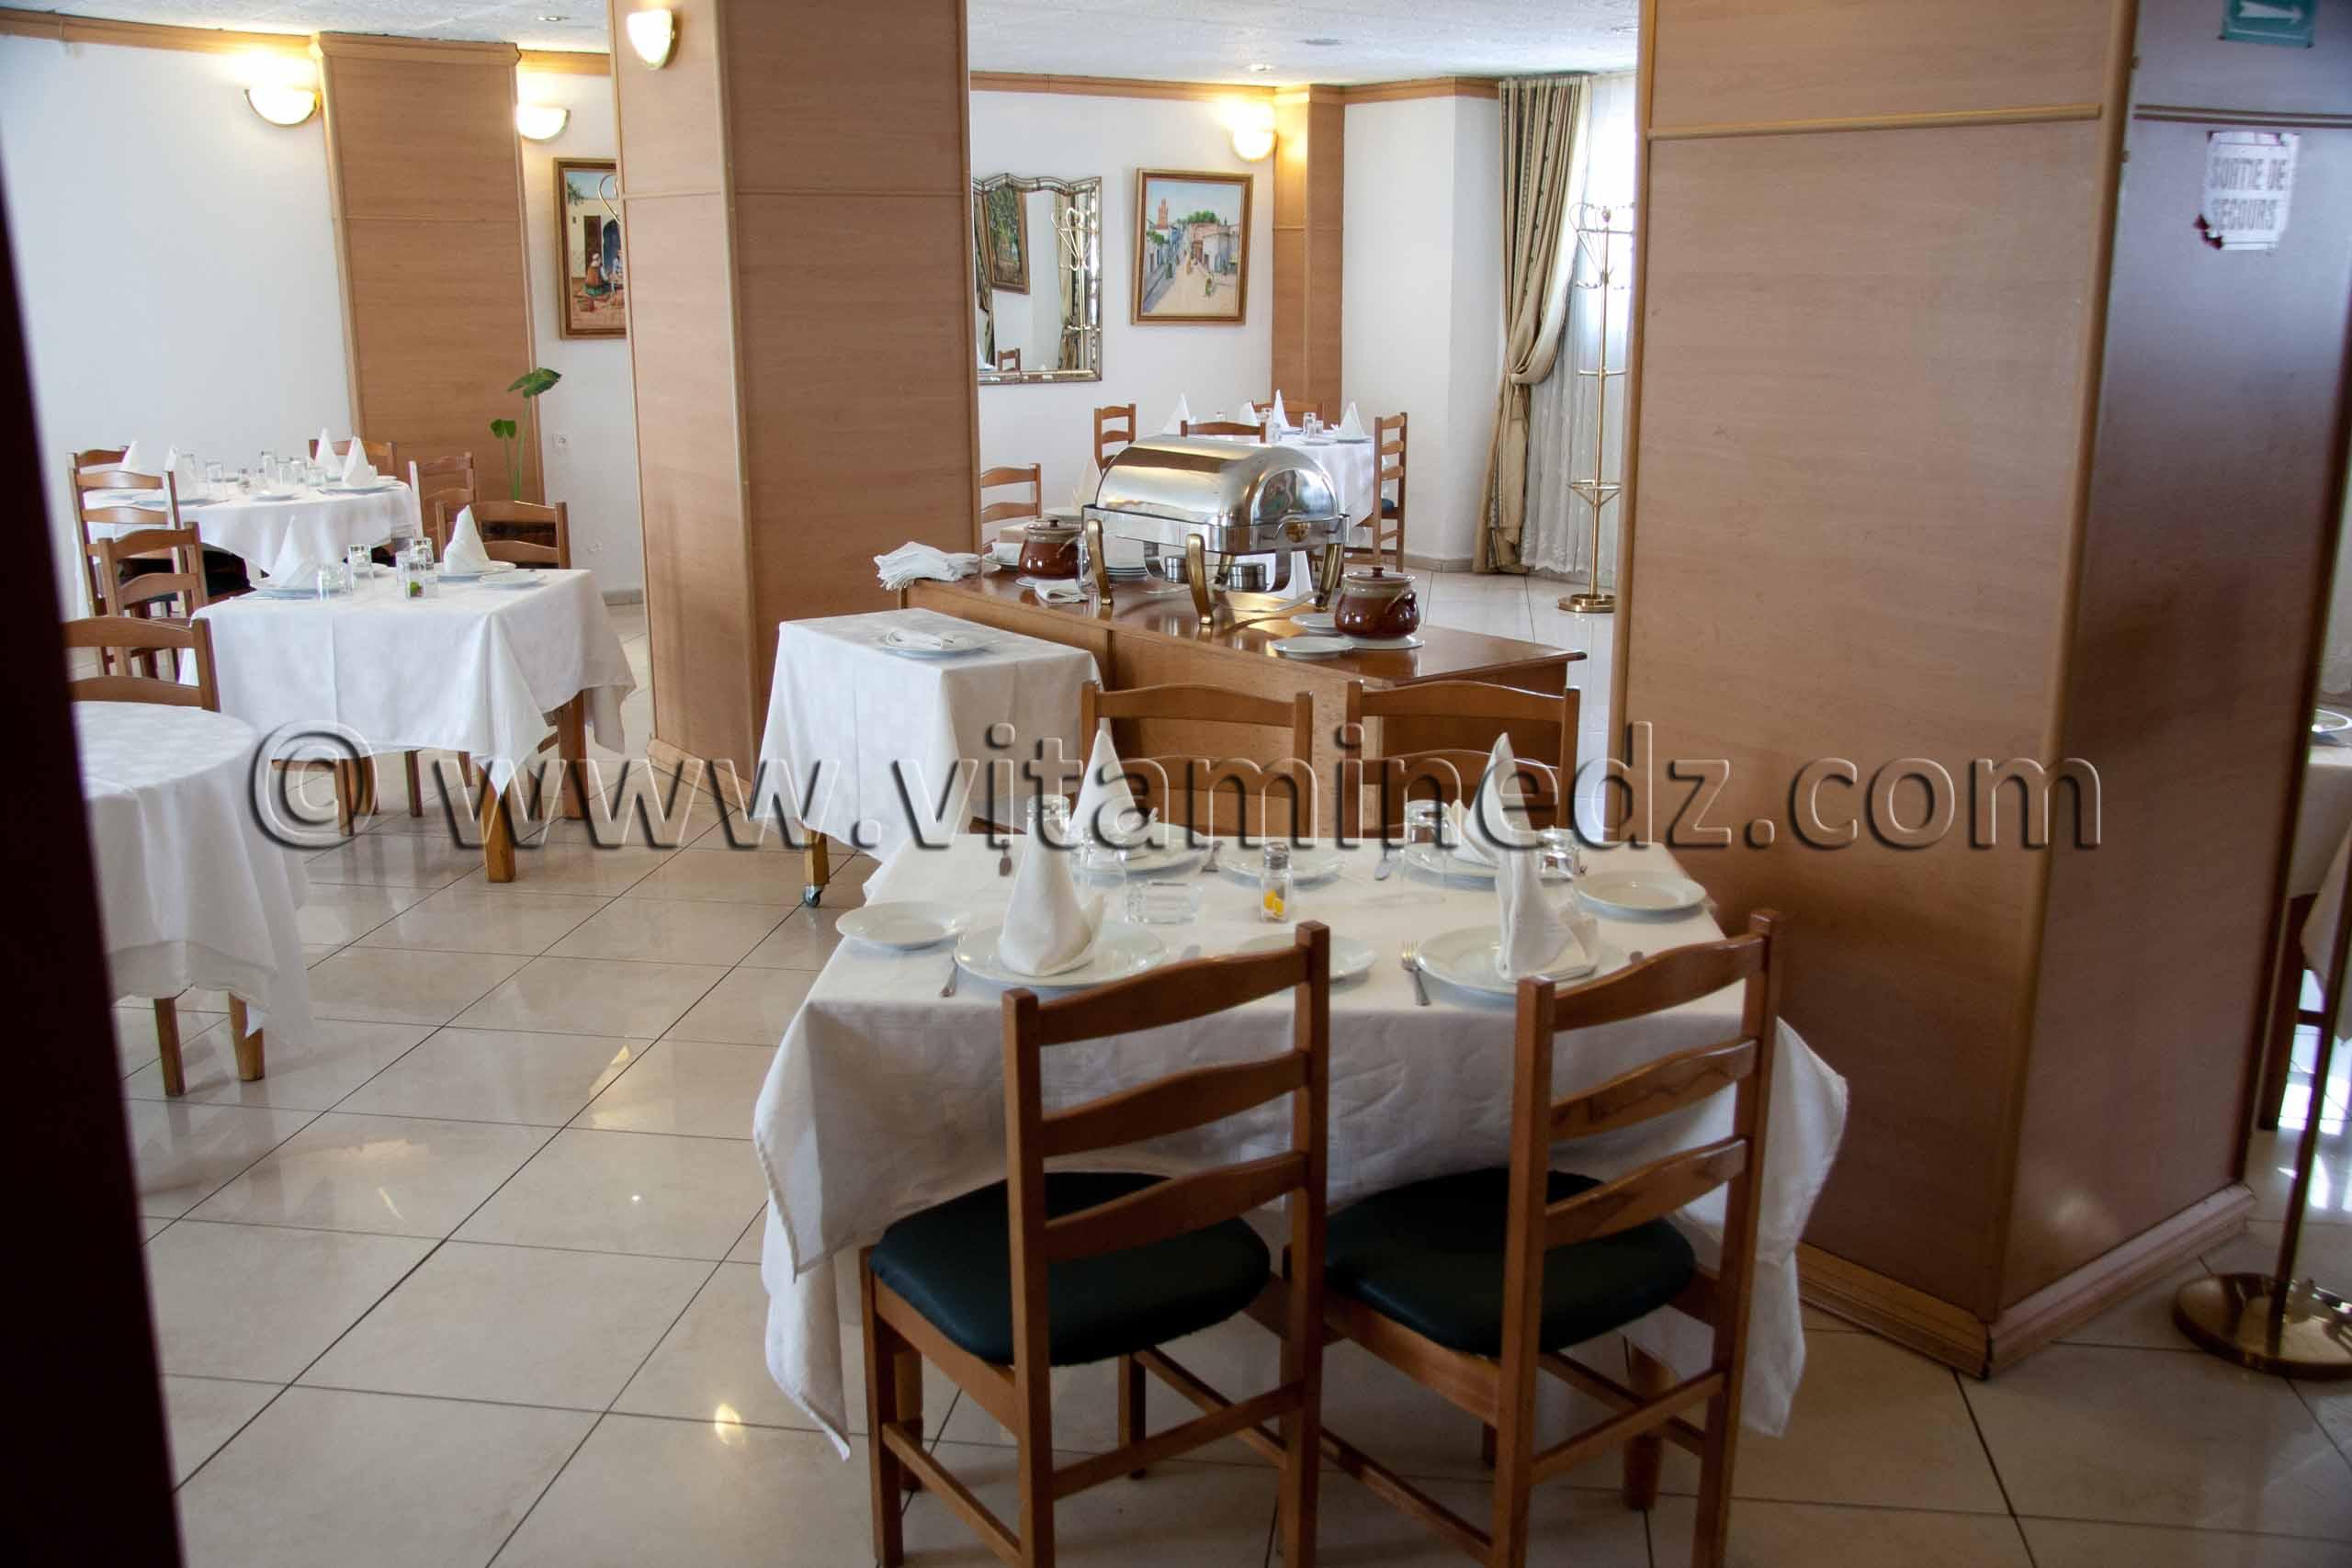 Restaurant h tel agadir pas cher tlemcen algerie alg rie for Nom hotel pas cher